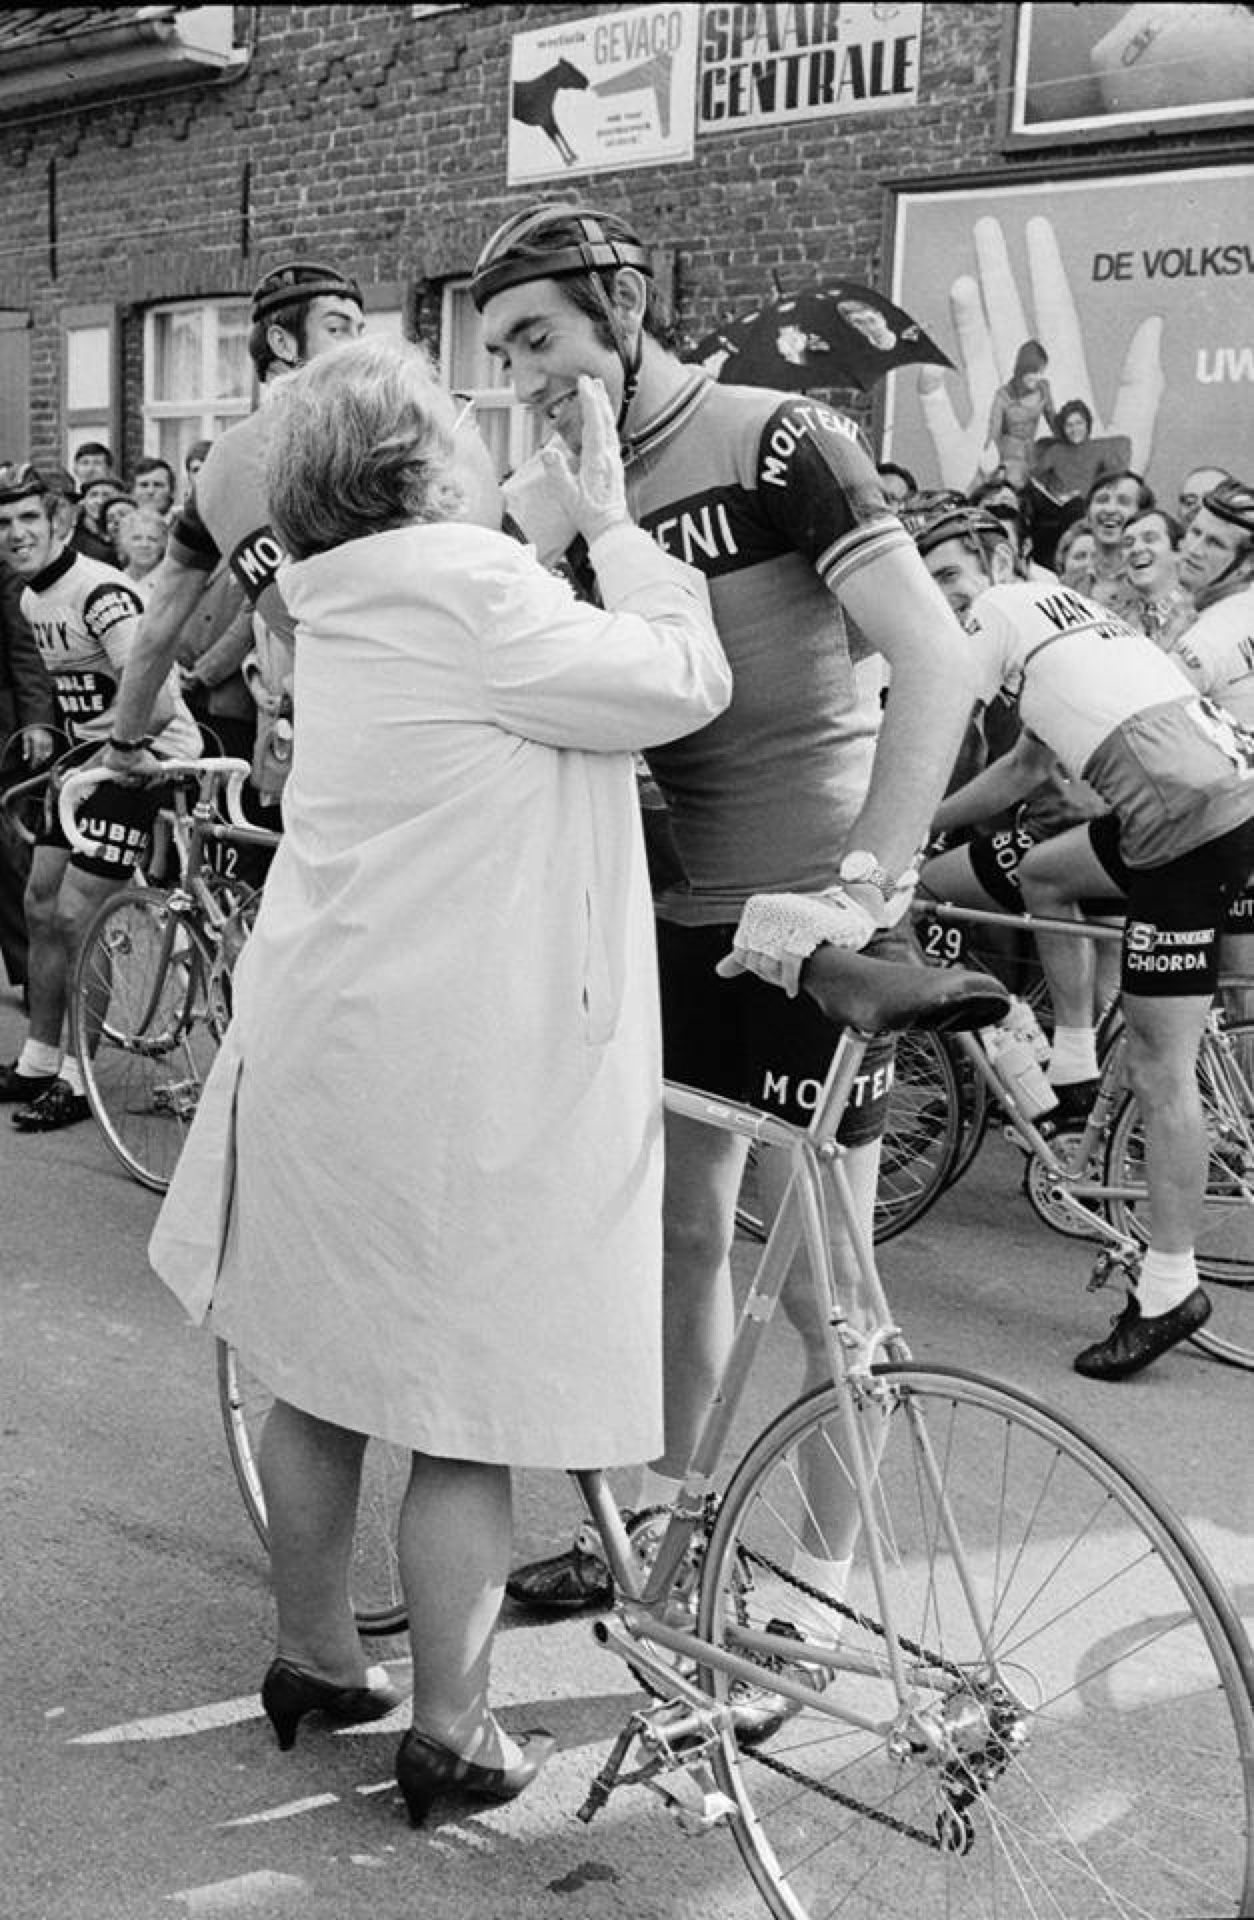 Pin By Emile Vandewal On Eddy Merckx Bicyclist Bicycle Track Steel Bike